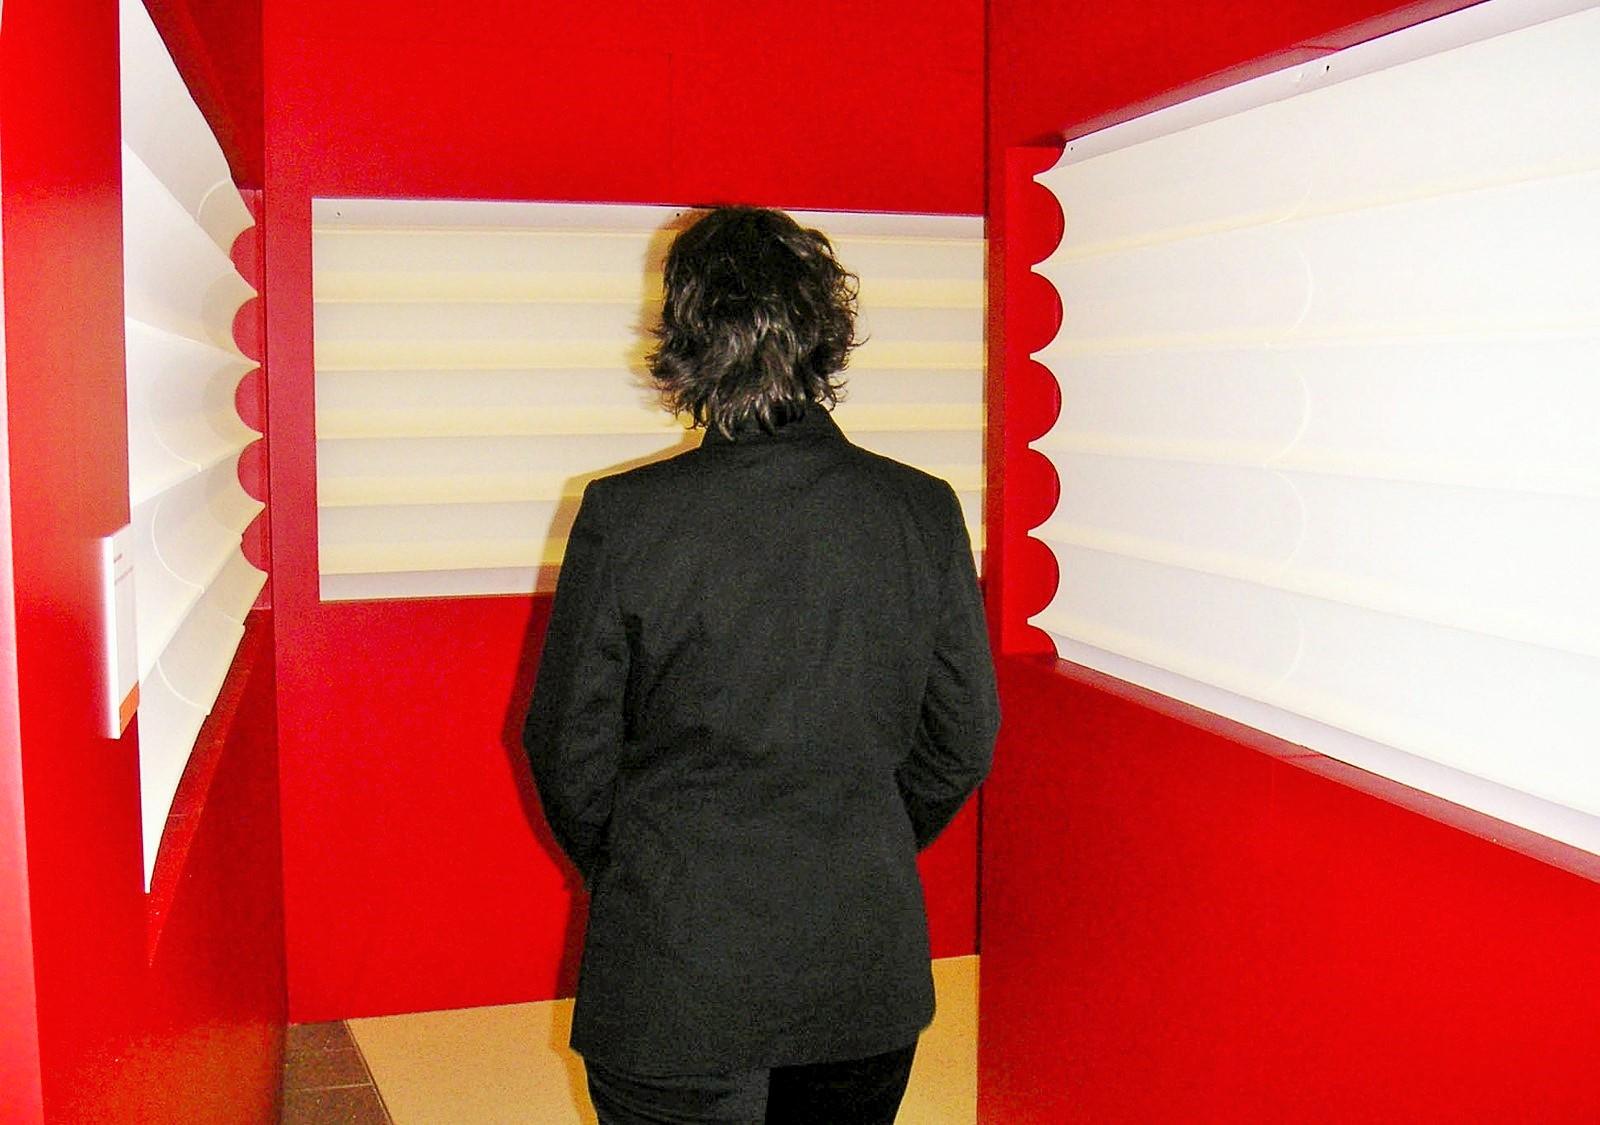 Panneaux acoustiques - Panneaux Ambiance relief  posé au mur par collage